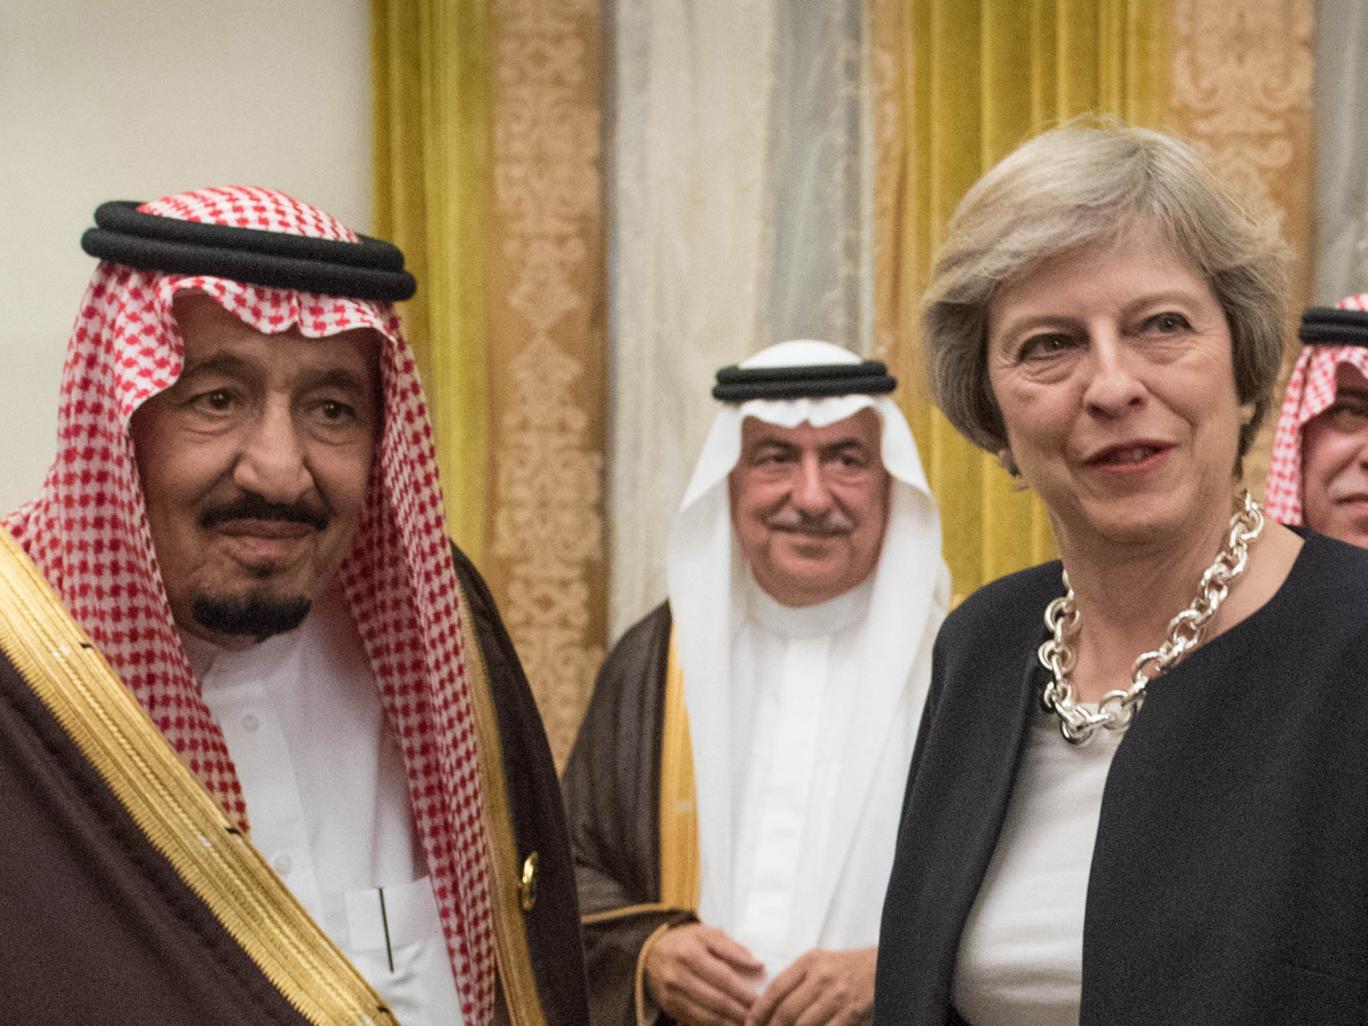 اعدام؛ ابزاری در دست مقامات عربستان برای سرکوب مخالفان سیاسی و اقلیت های این کشور